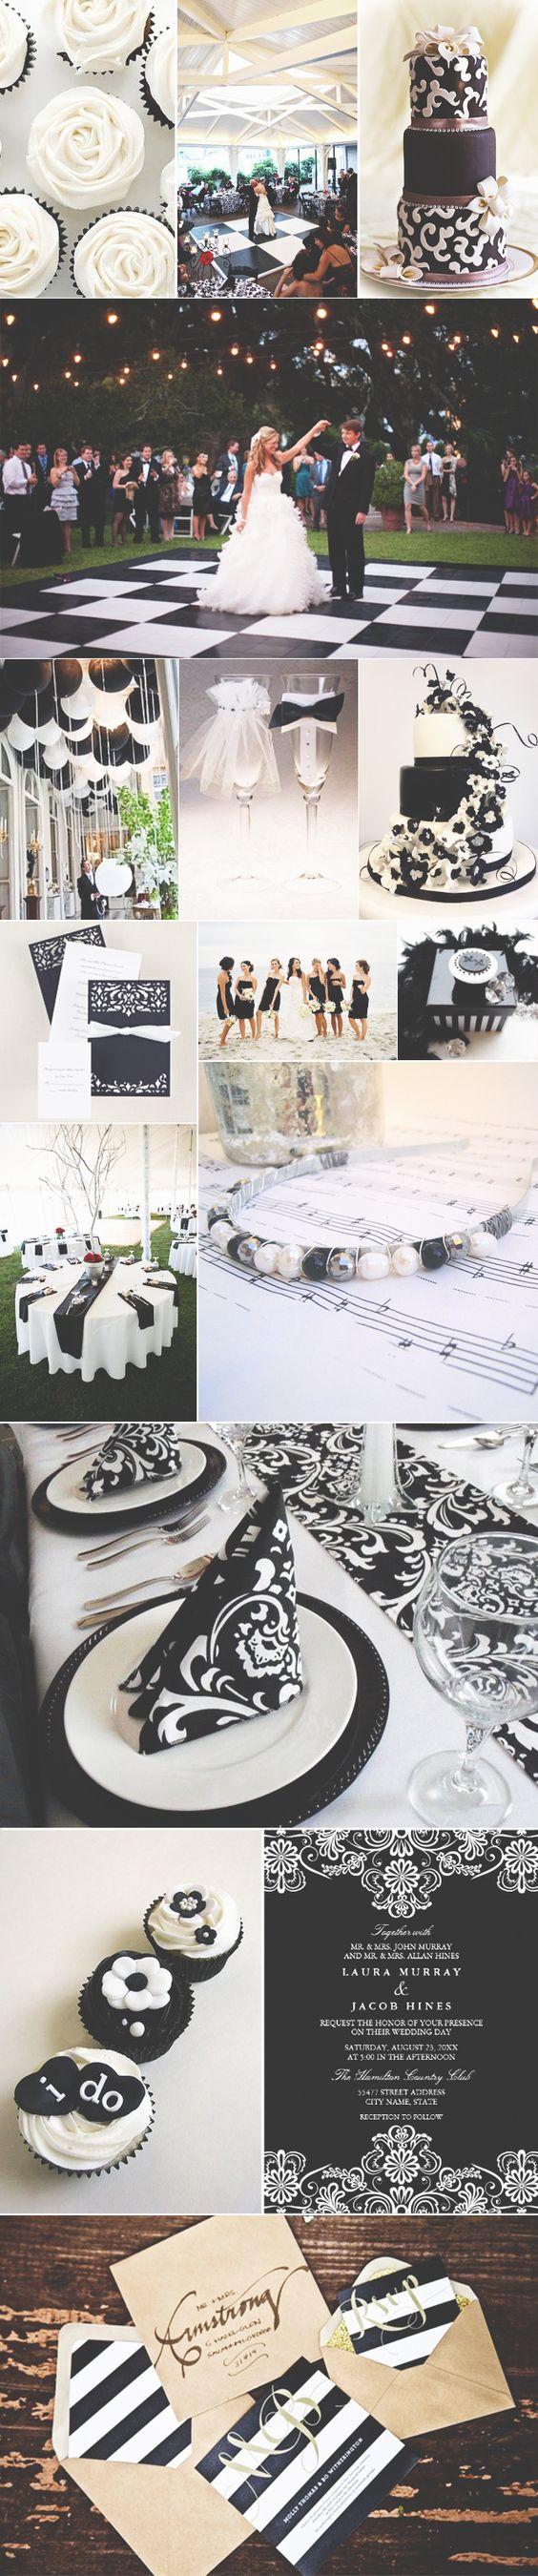 Decoração em preto e branco ♥: